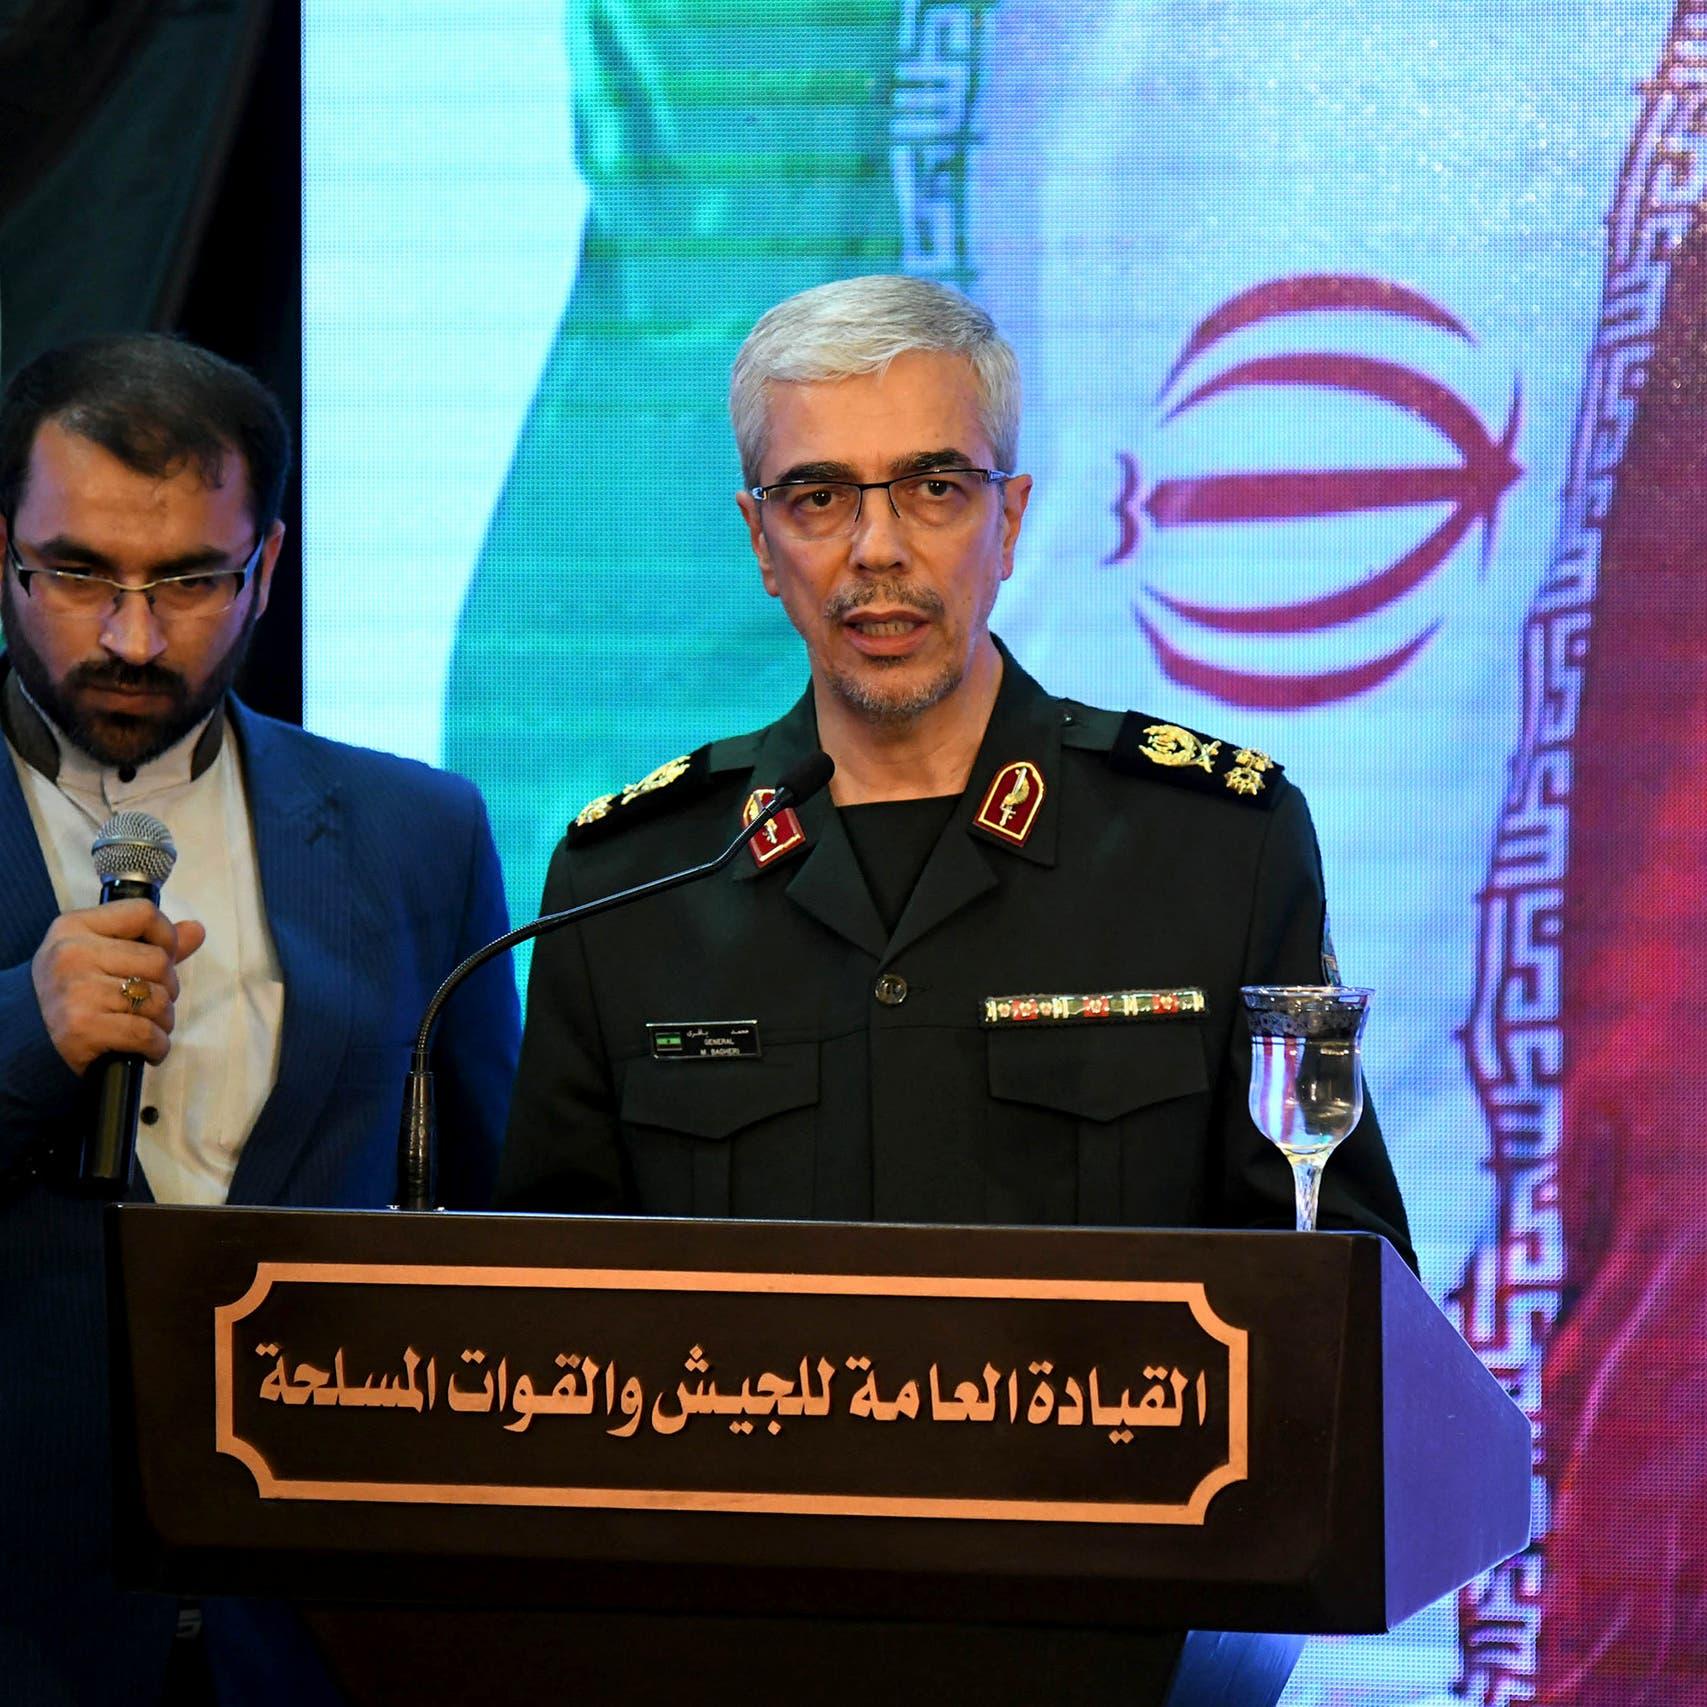 رئيس الأركان الإيراني: أميركا تستطيع تصفير نفطنا